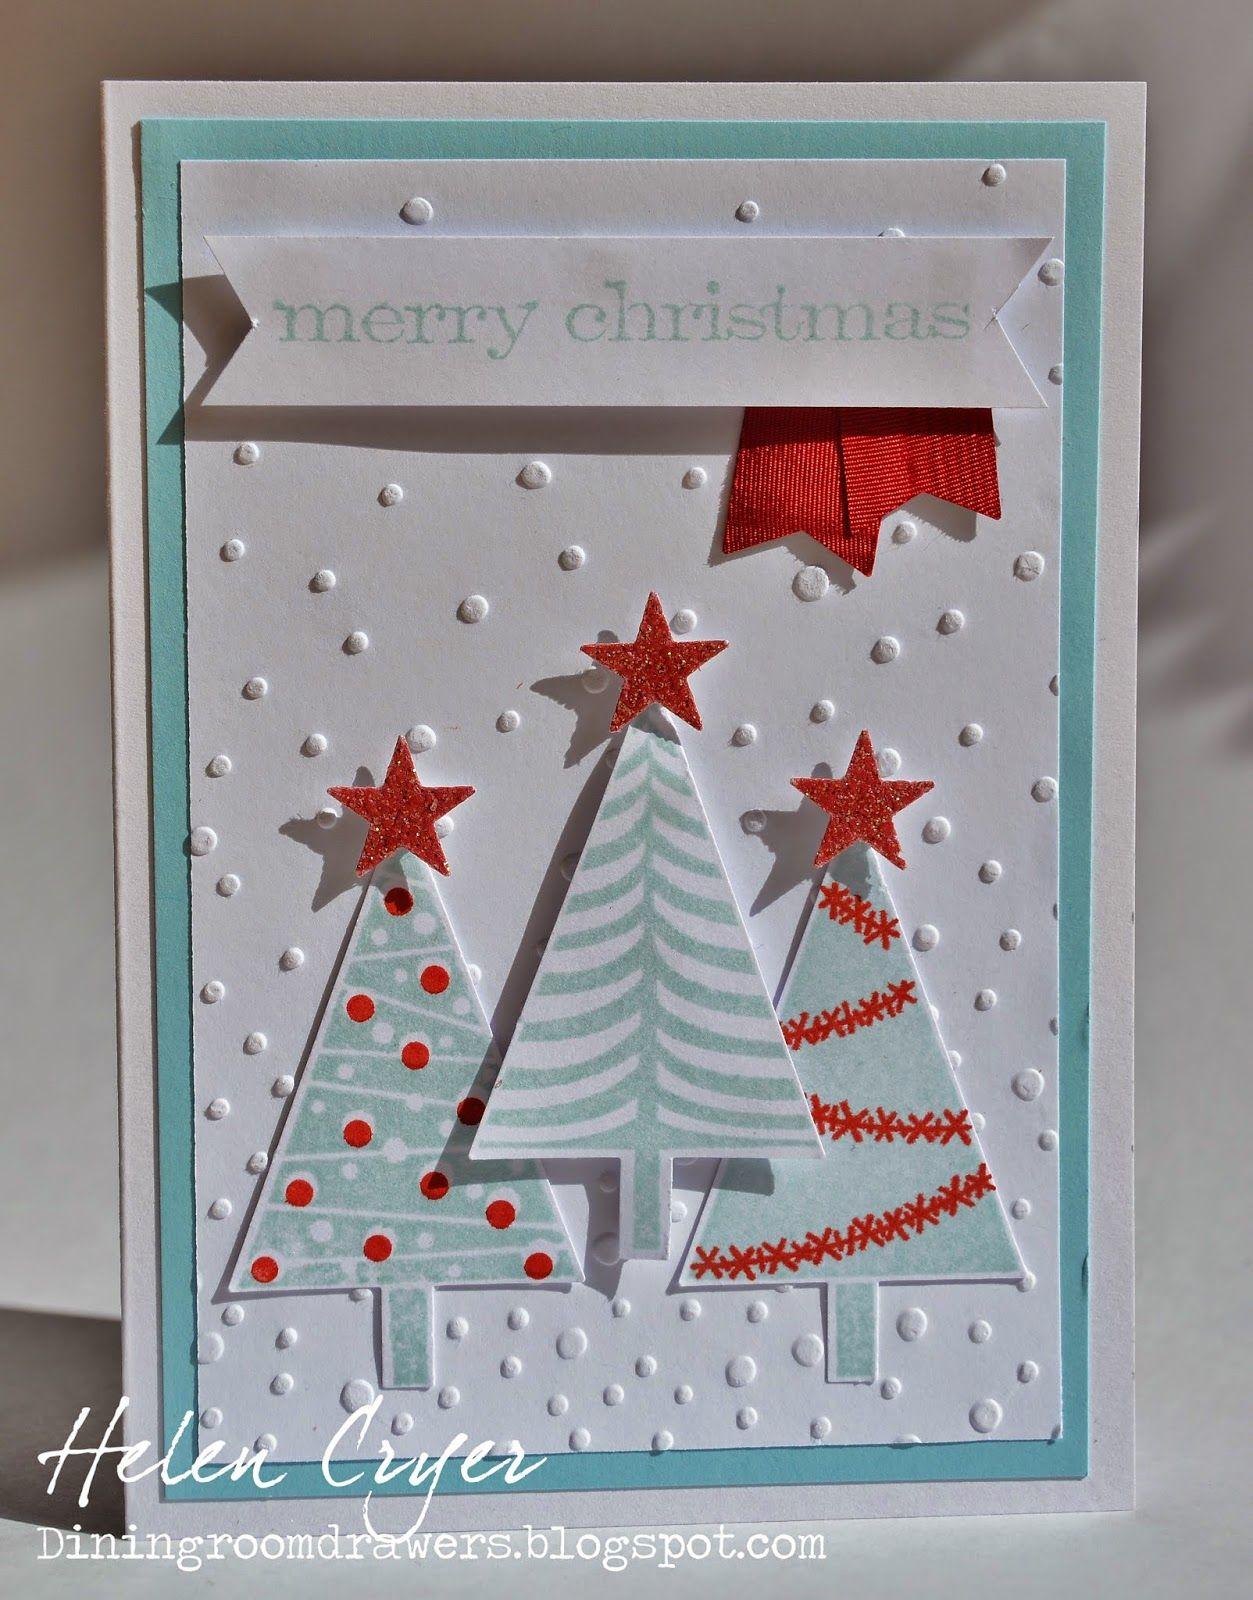 рождественская открытка своими руками в рамке разнообразия